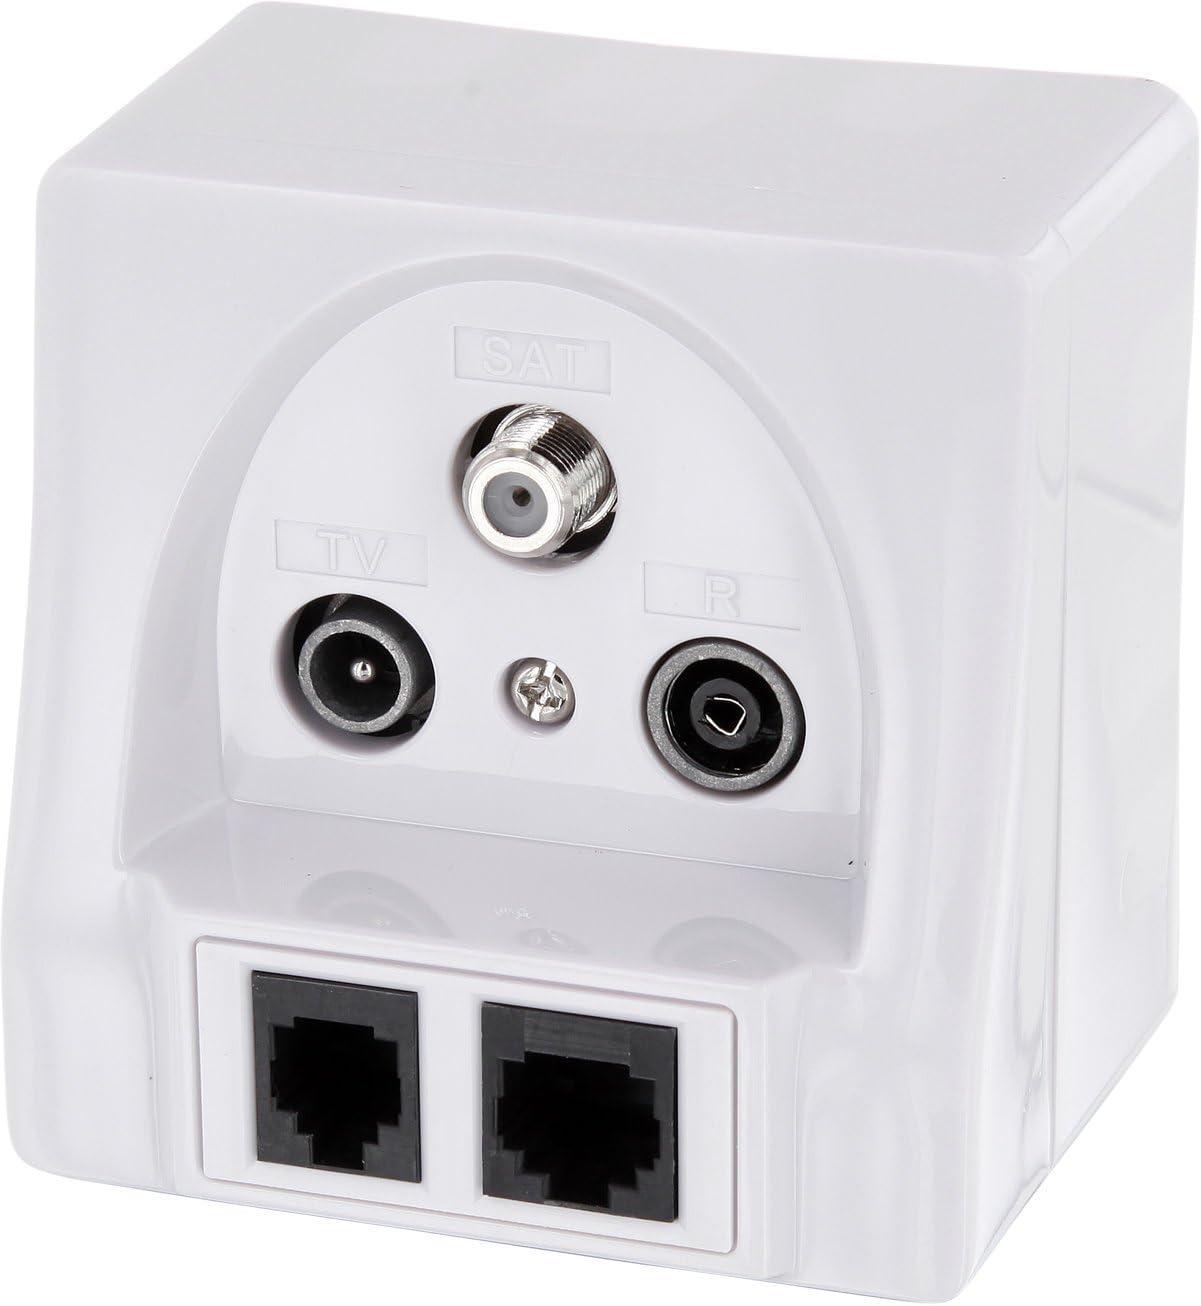 Enchufe multimedia empotrable, alta calidad, para televisión digital y alta definición, radio, satélite, RJ45, RJ11